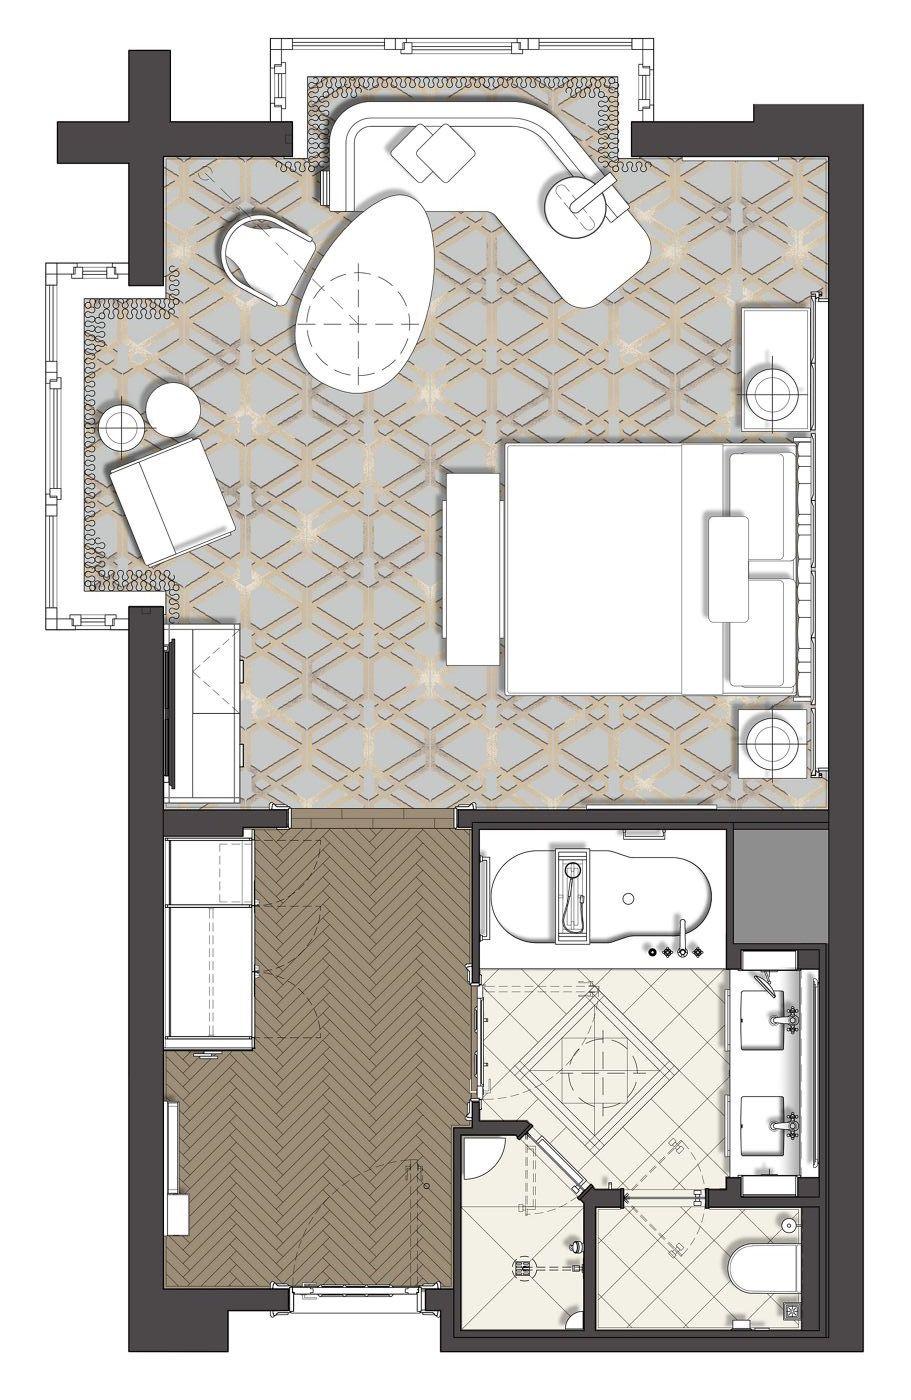 The Ritz Carlton Berlin Corner Deluxe Room 452 Sqft 42 Sqm Hotel Room Design Hotel Room Design Bedrooms Hotel Room Design Plan